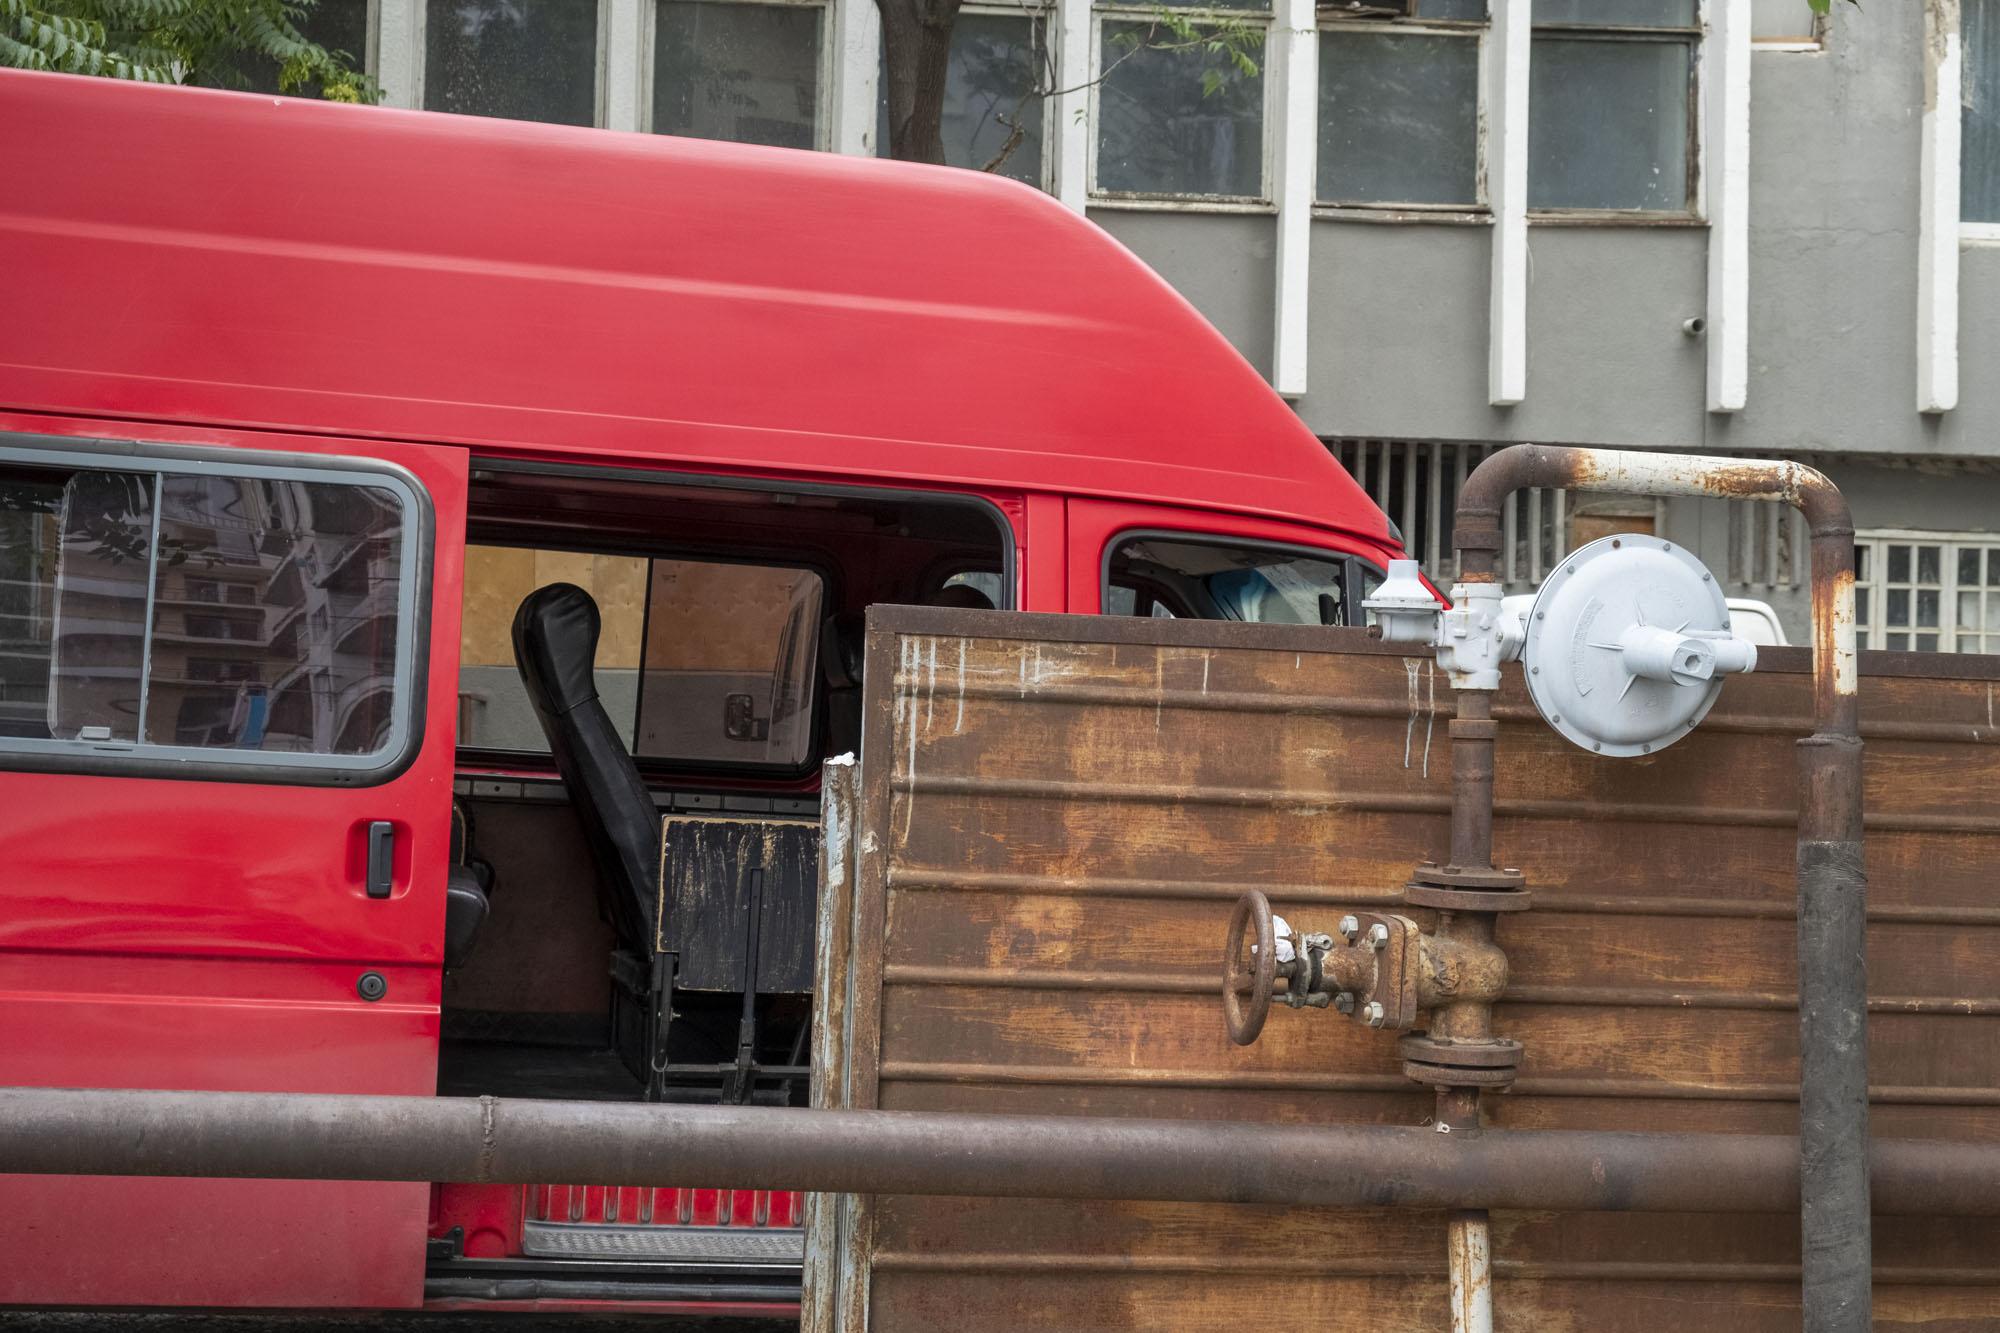 van and gas pipe.jpg